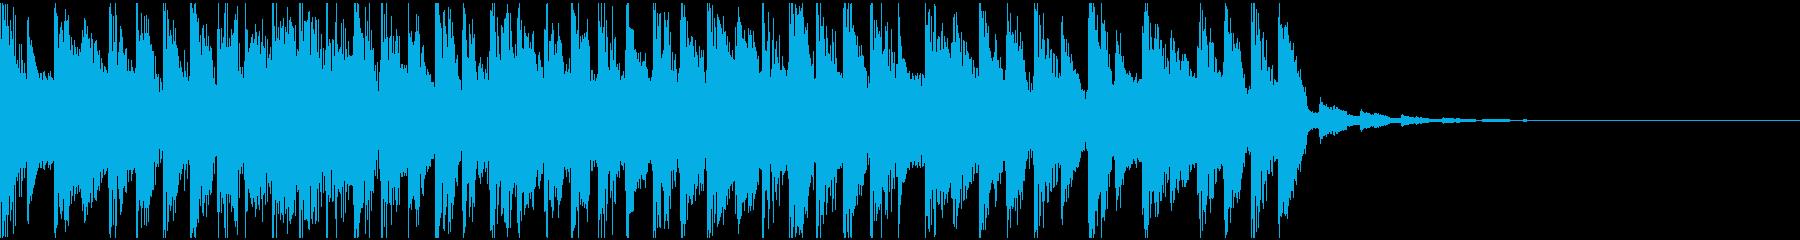 シンセ、エレクトリック、テクノ、ジングルの再生済みの波形